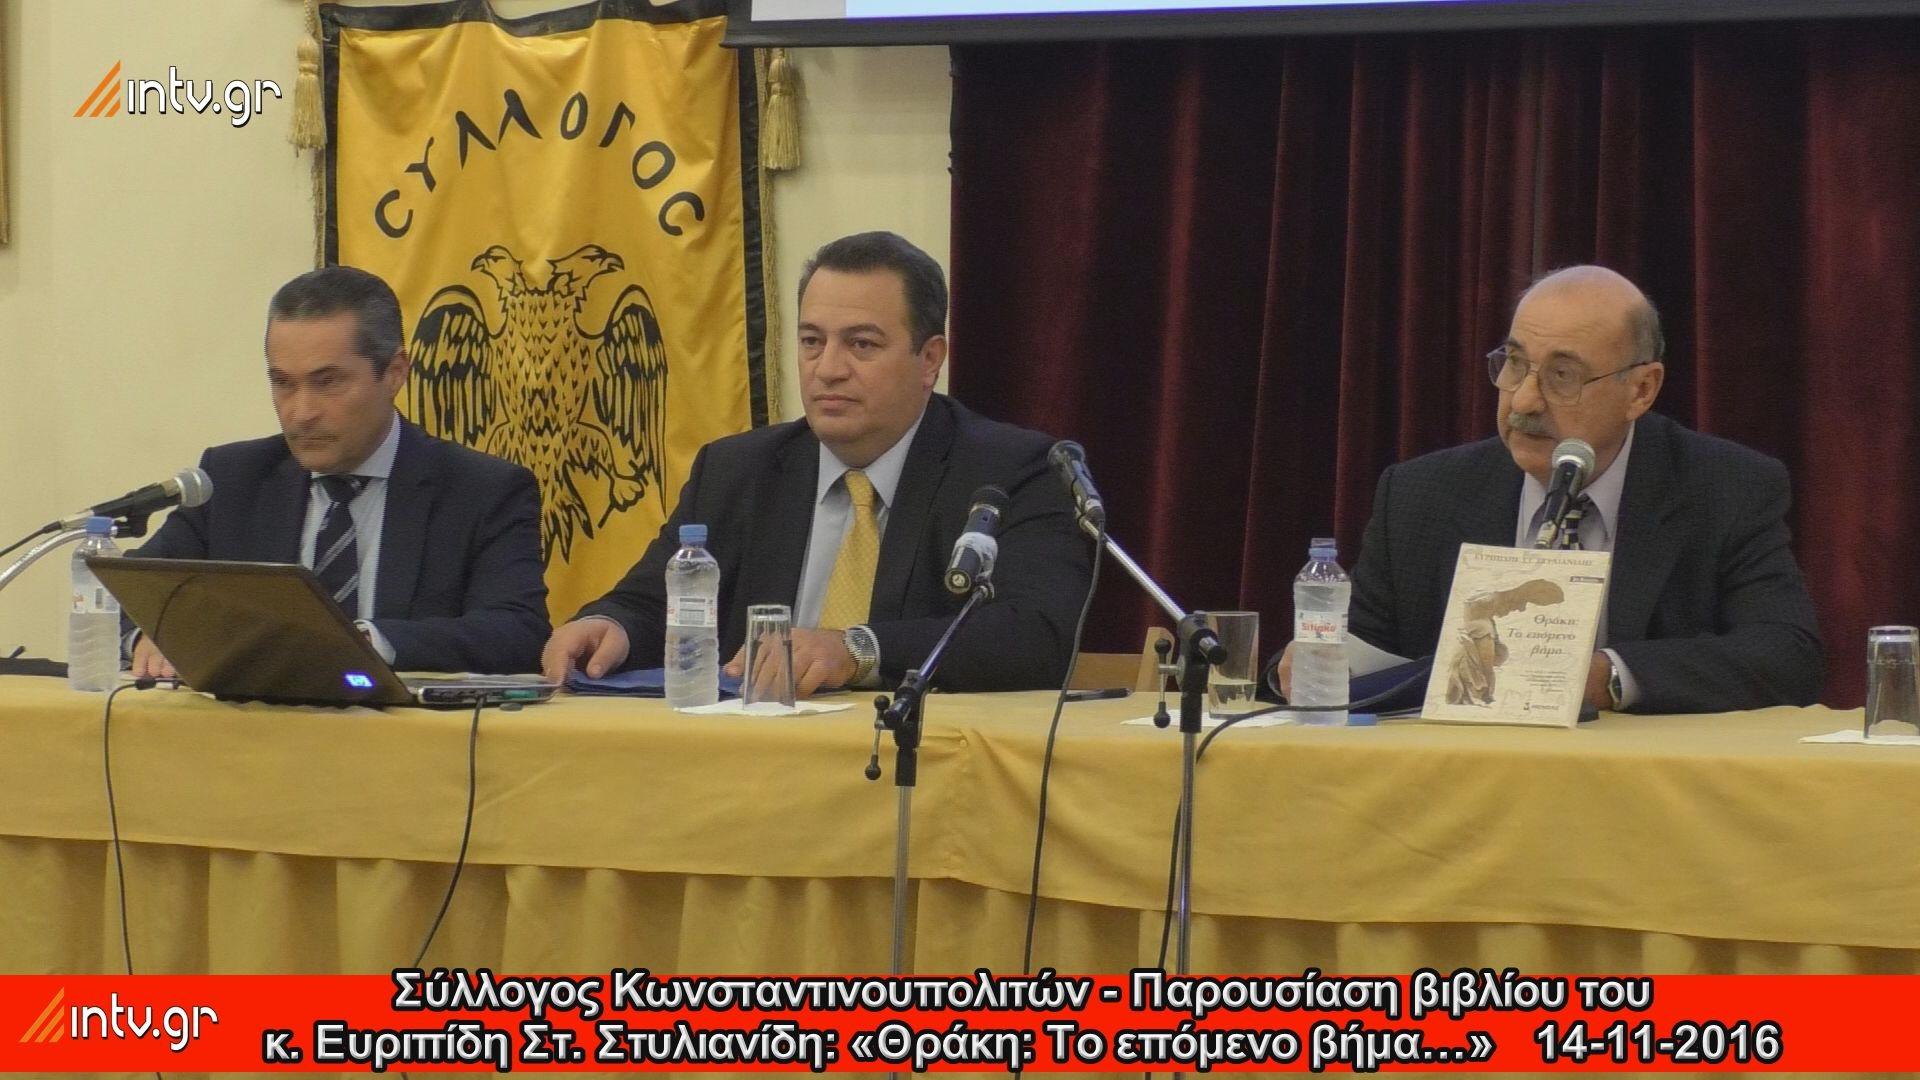 Σύλλογος Κωνσταντινουπολιτών - Παρουσίαση βιβλίου του κ. Ευριπίδη Στ. Στυλιανίδη: «Θράκη: Το επόμενο βήμα…»